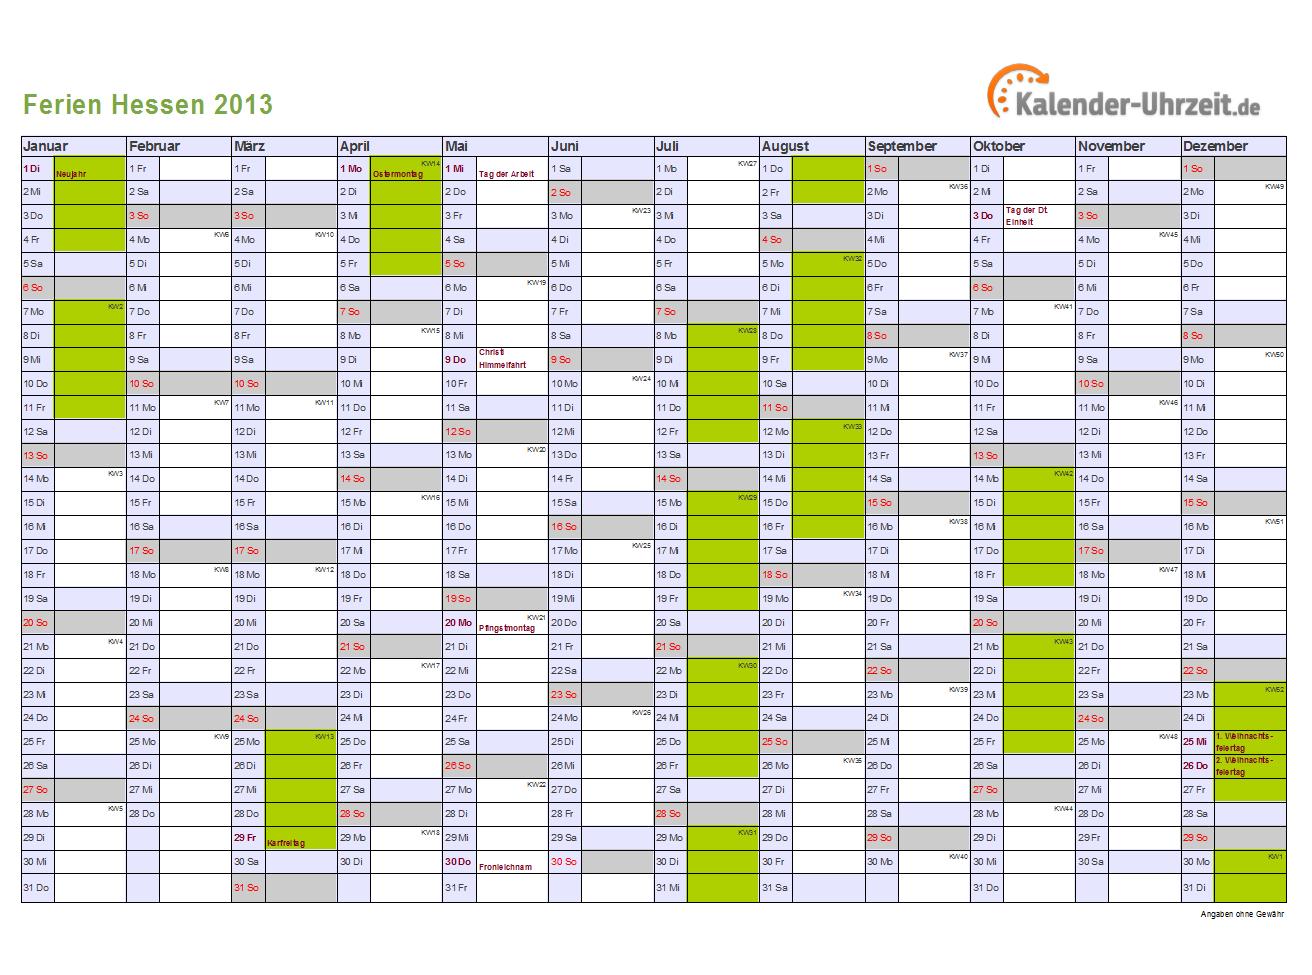 Kalender 2013 Hessen mit Ferien als Excel oder PDF ausdrucken DIN A4 ...